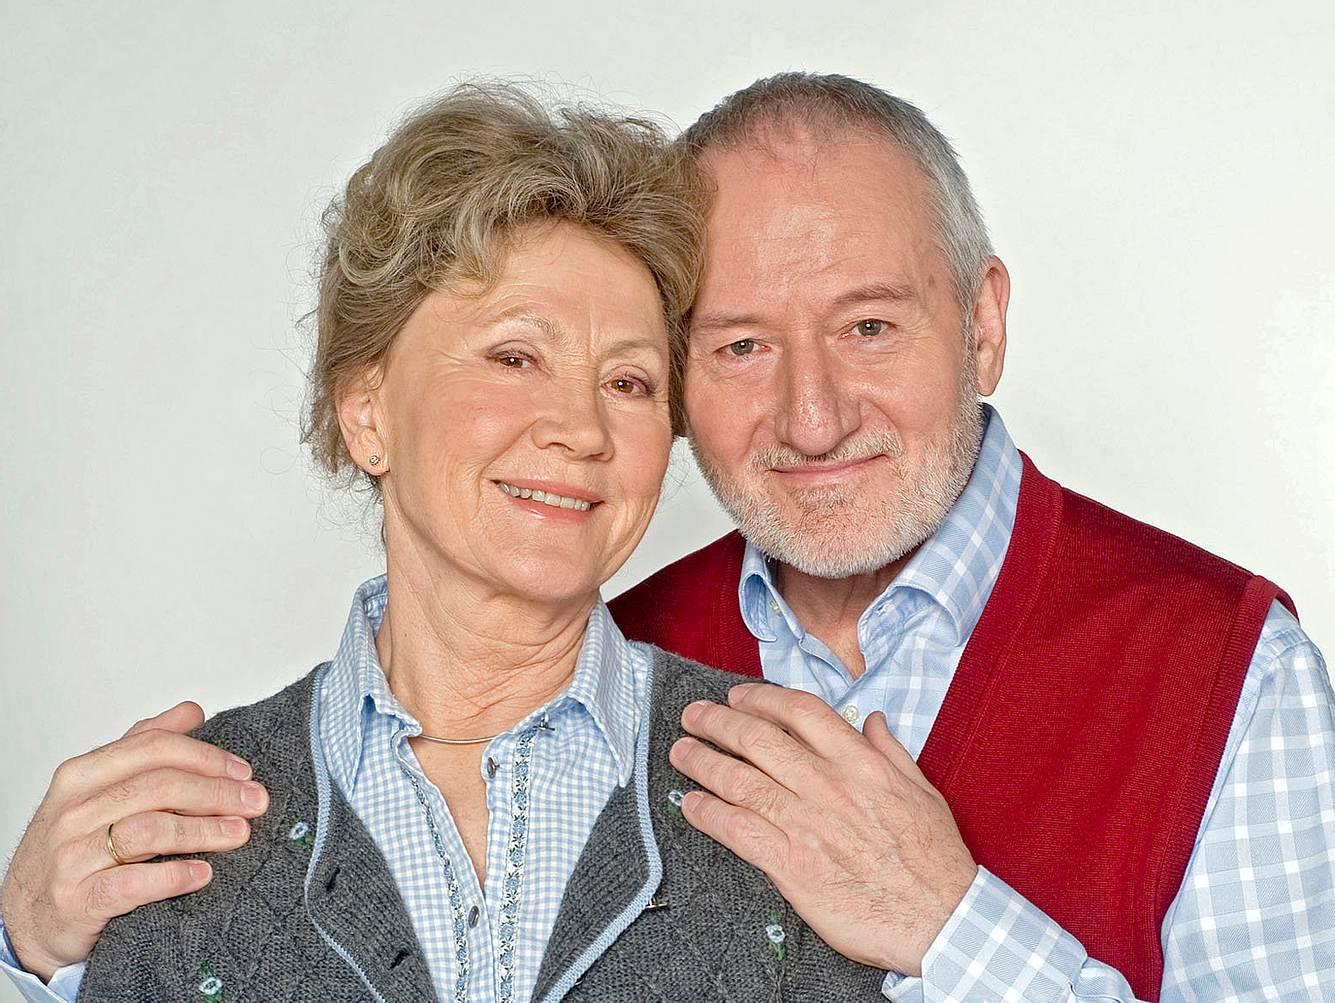 Bei 'Sturm der Liebe' sind Antje Hagen und Sepp Schauer als Hildegard und Alfons Sonnbichler zu sehen.